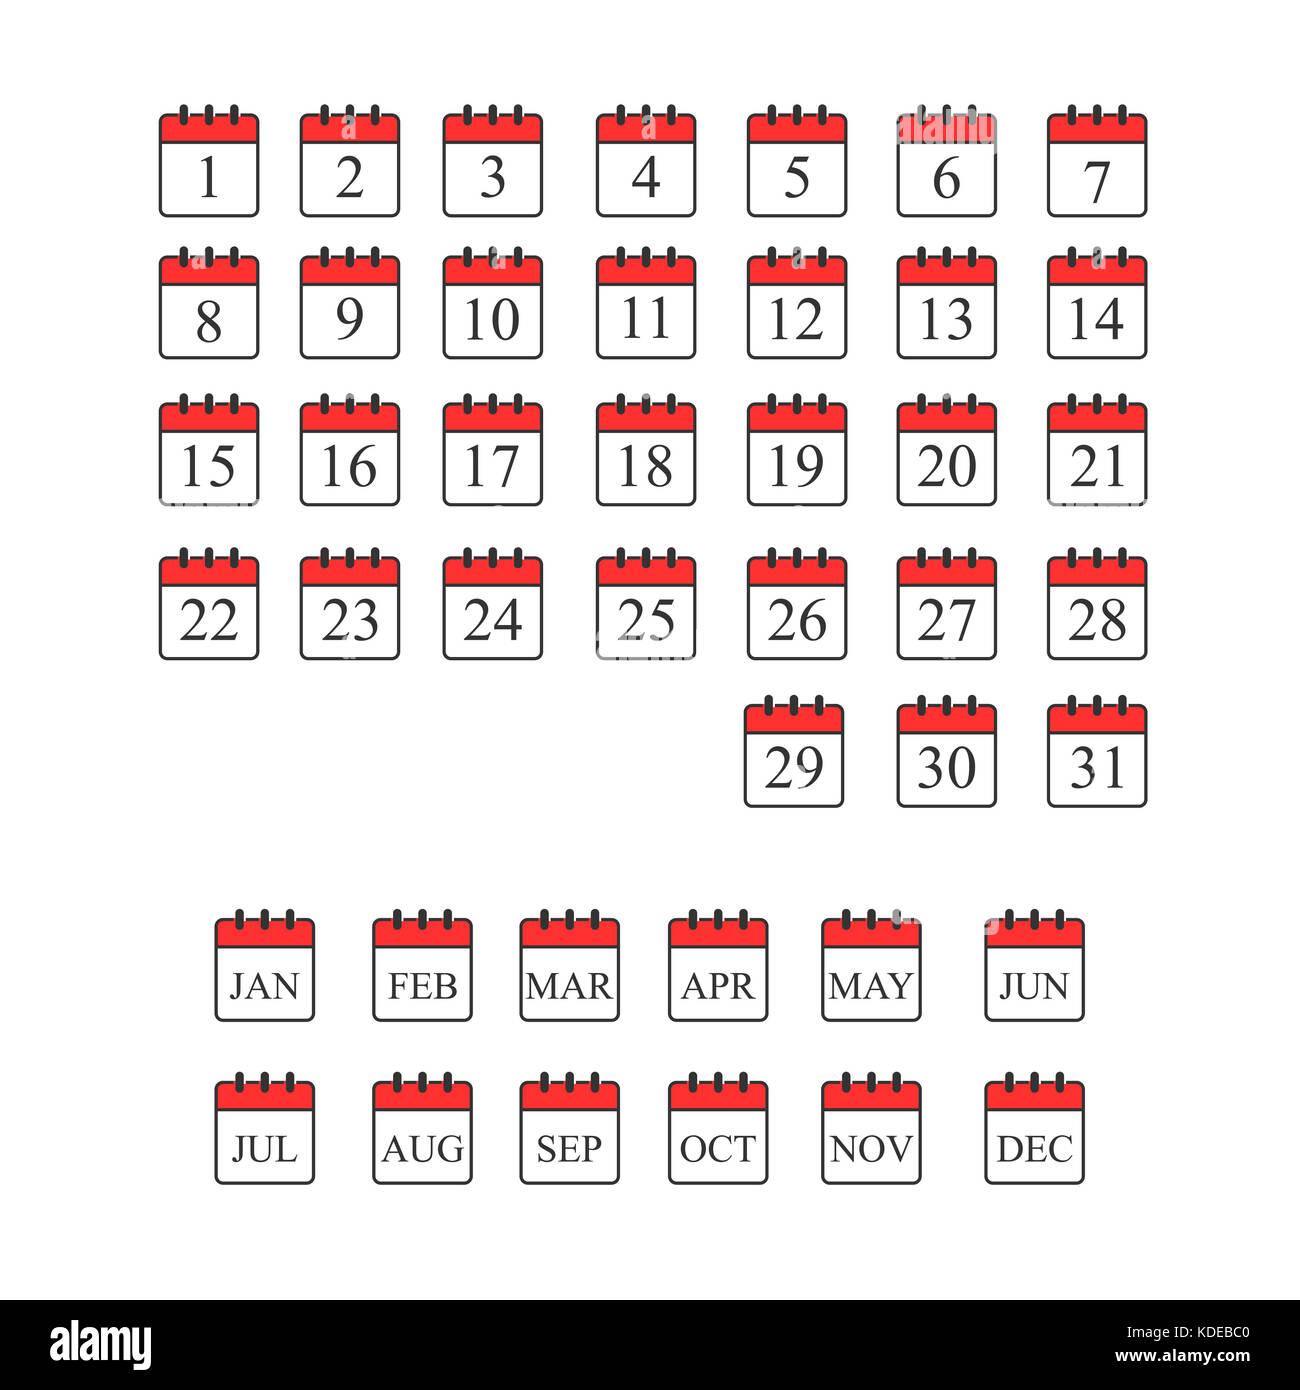 Icona calendario illustrazione vettoriale EPS10. isolato Immagini Stock